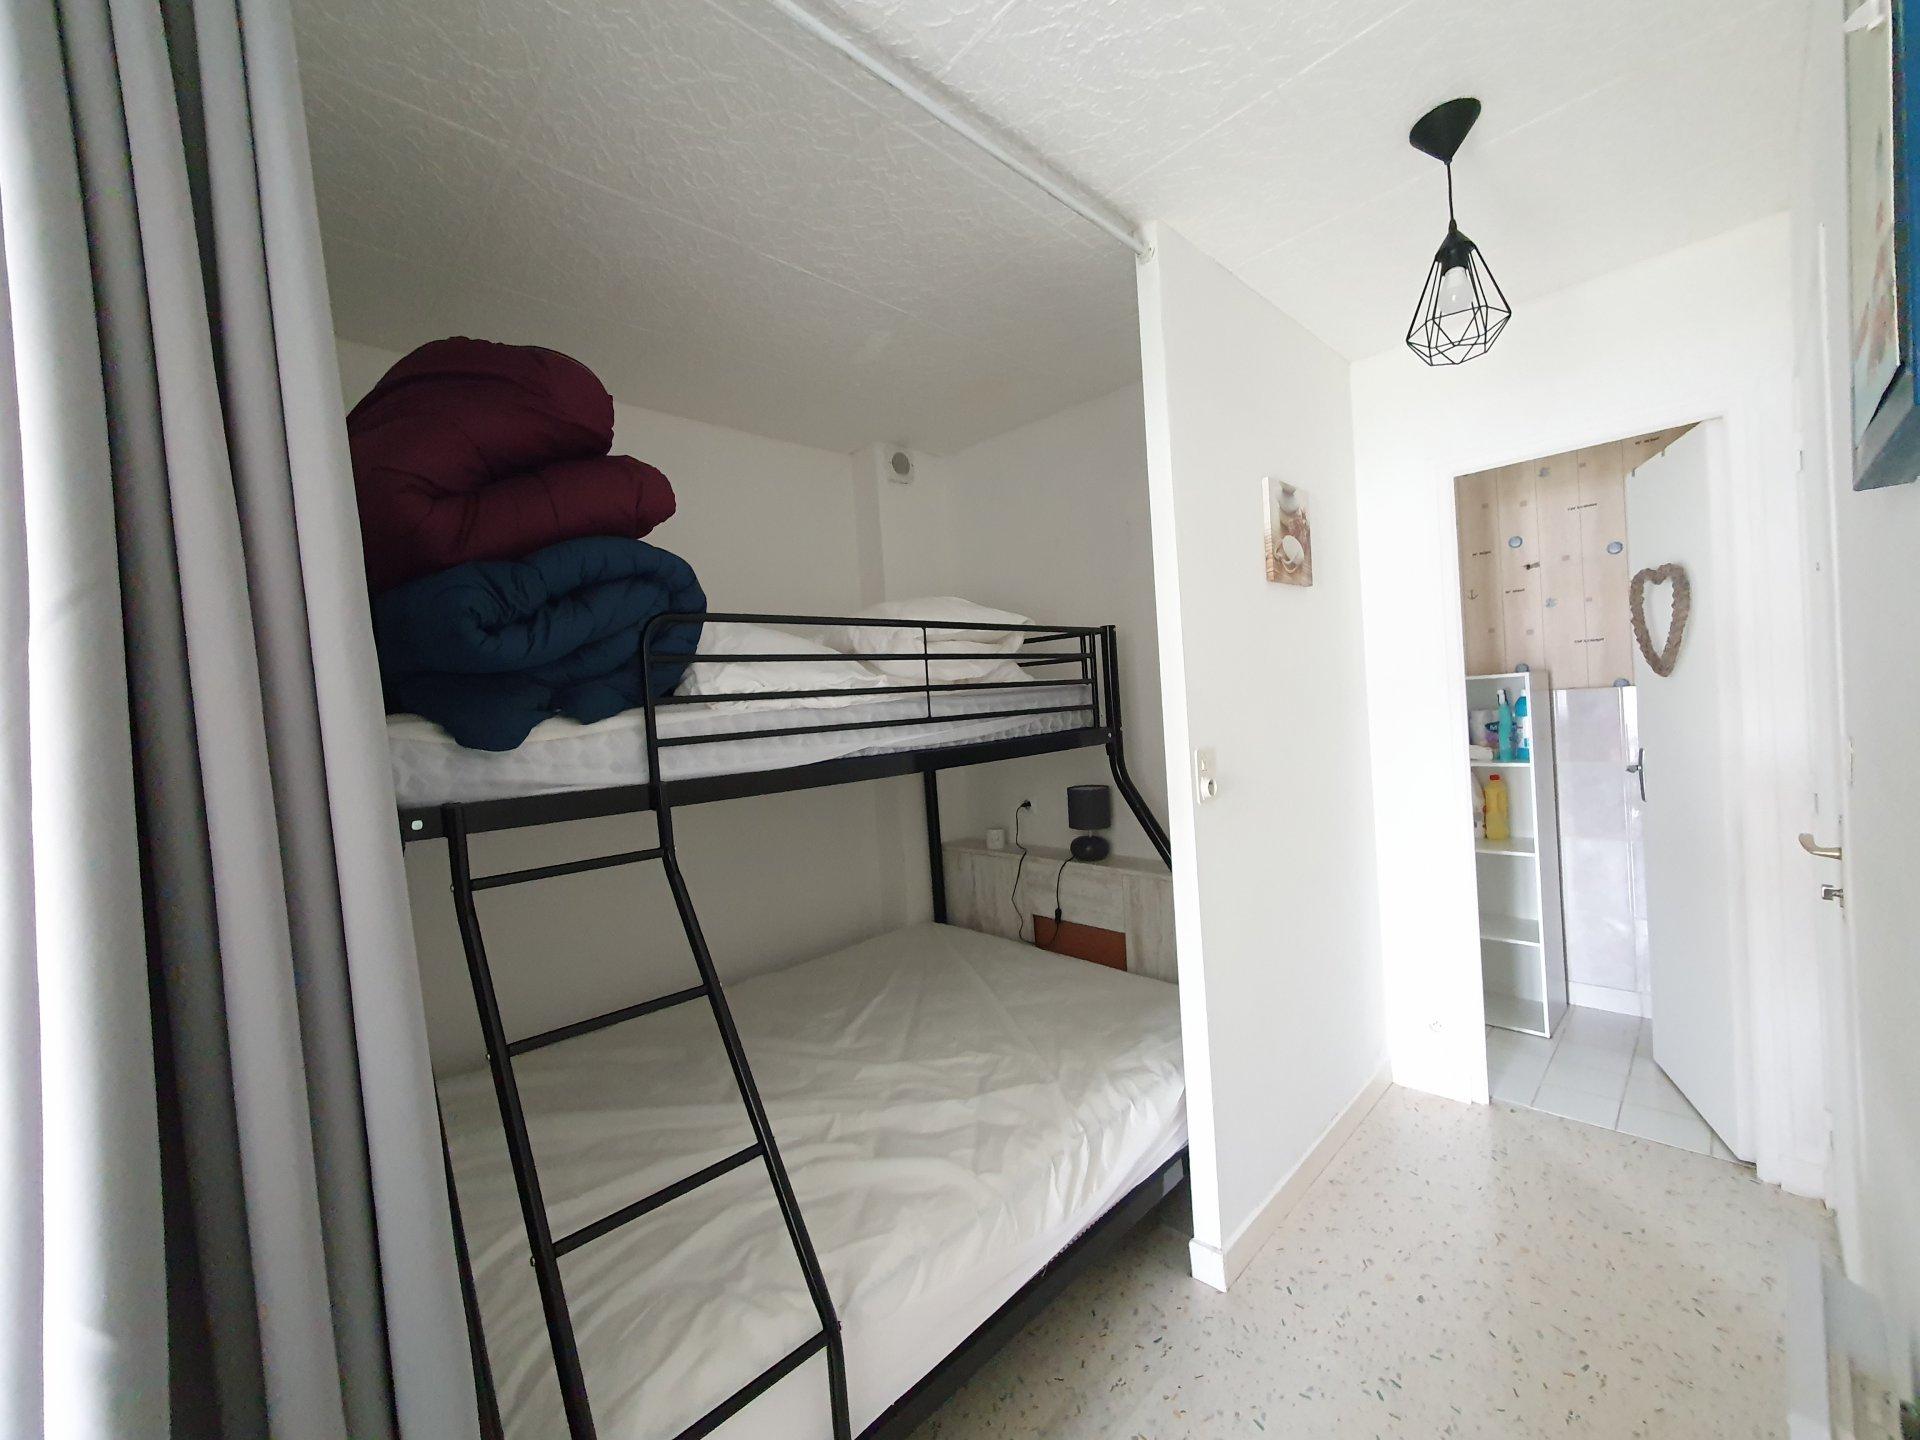 Appartement à louer à Damgan Studio situé à 500m de la mer